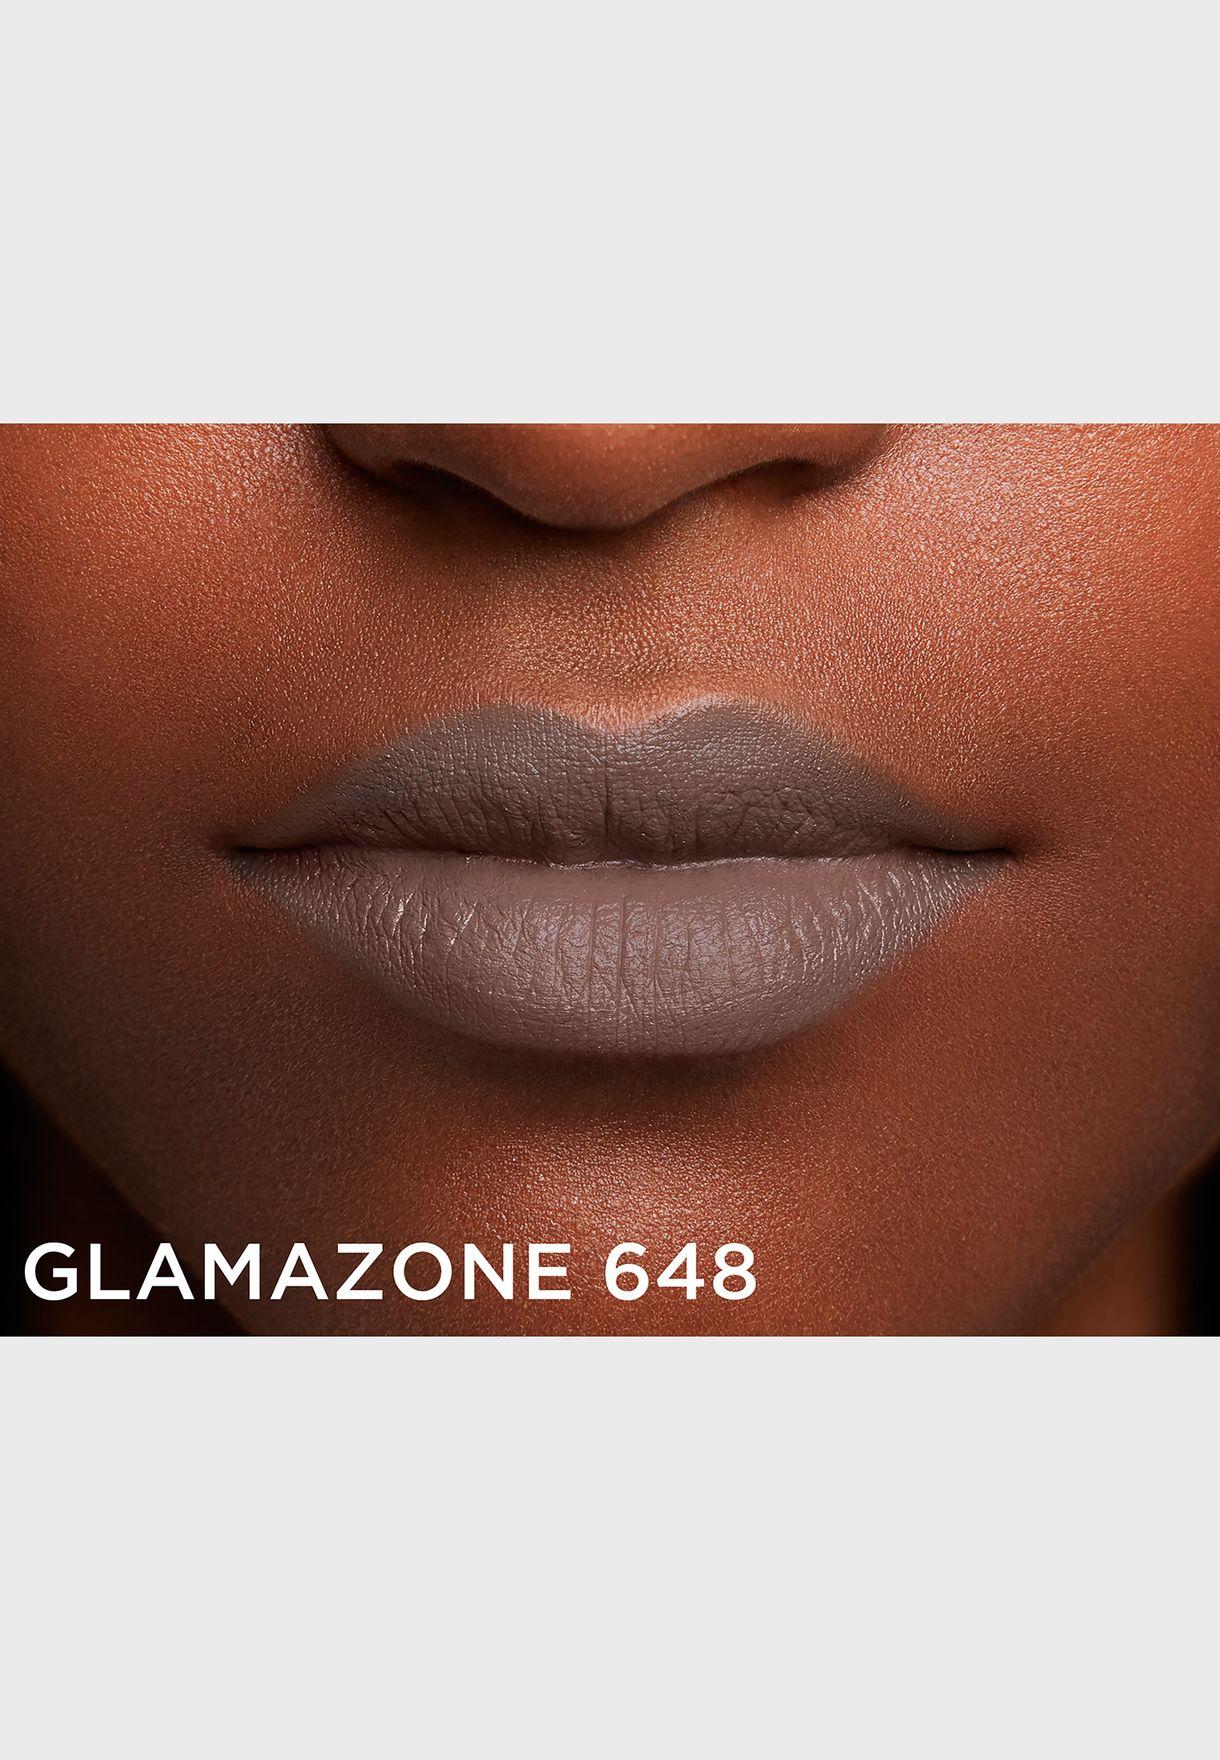 Color Riche Balmain 648 Glamazone